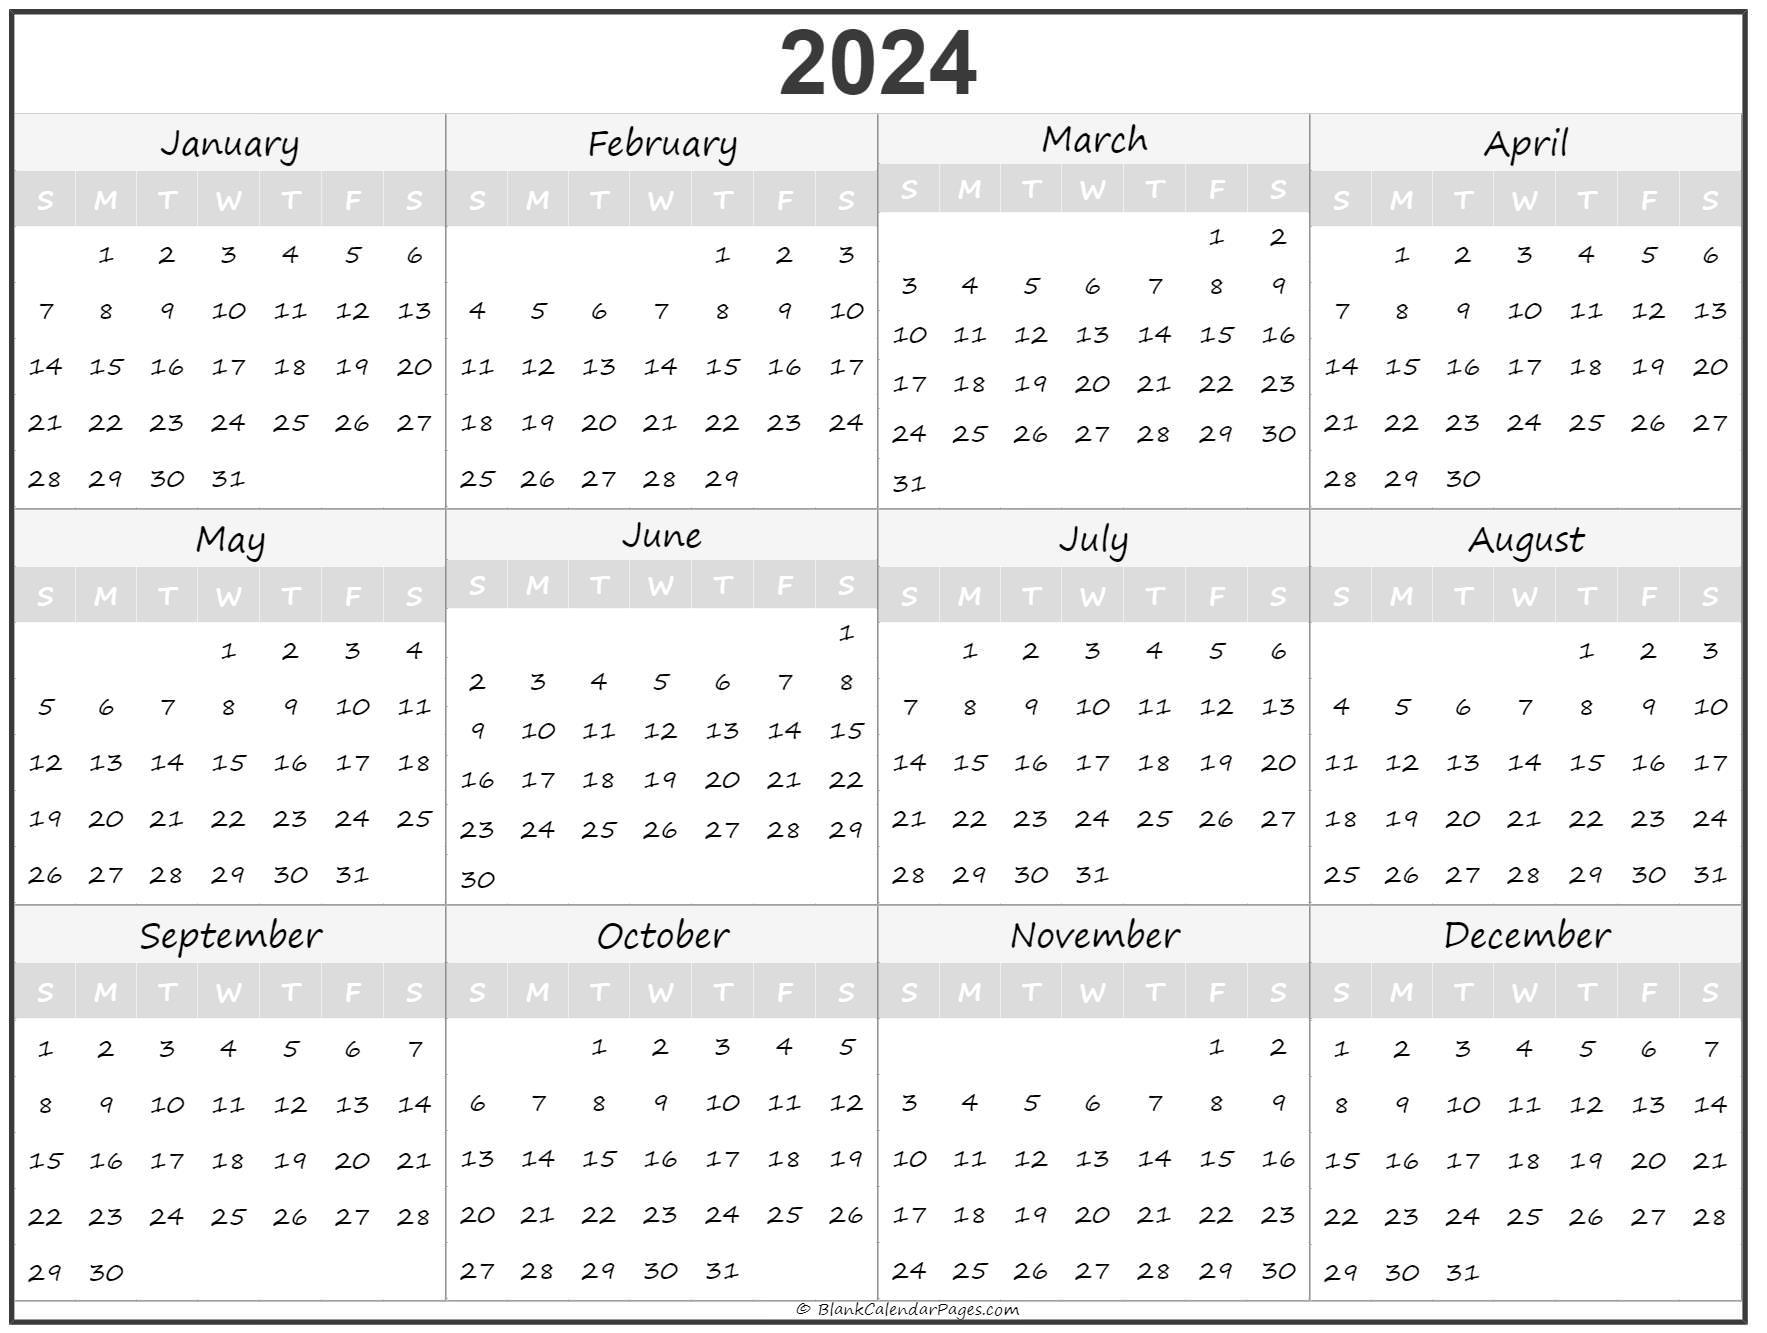 2024 printout